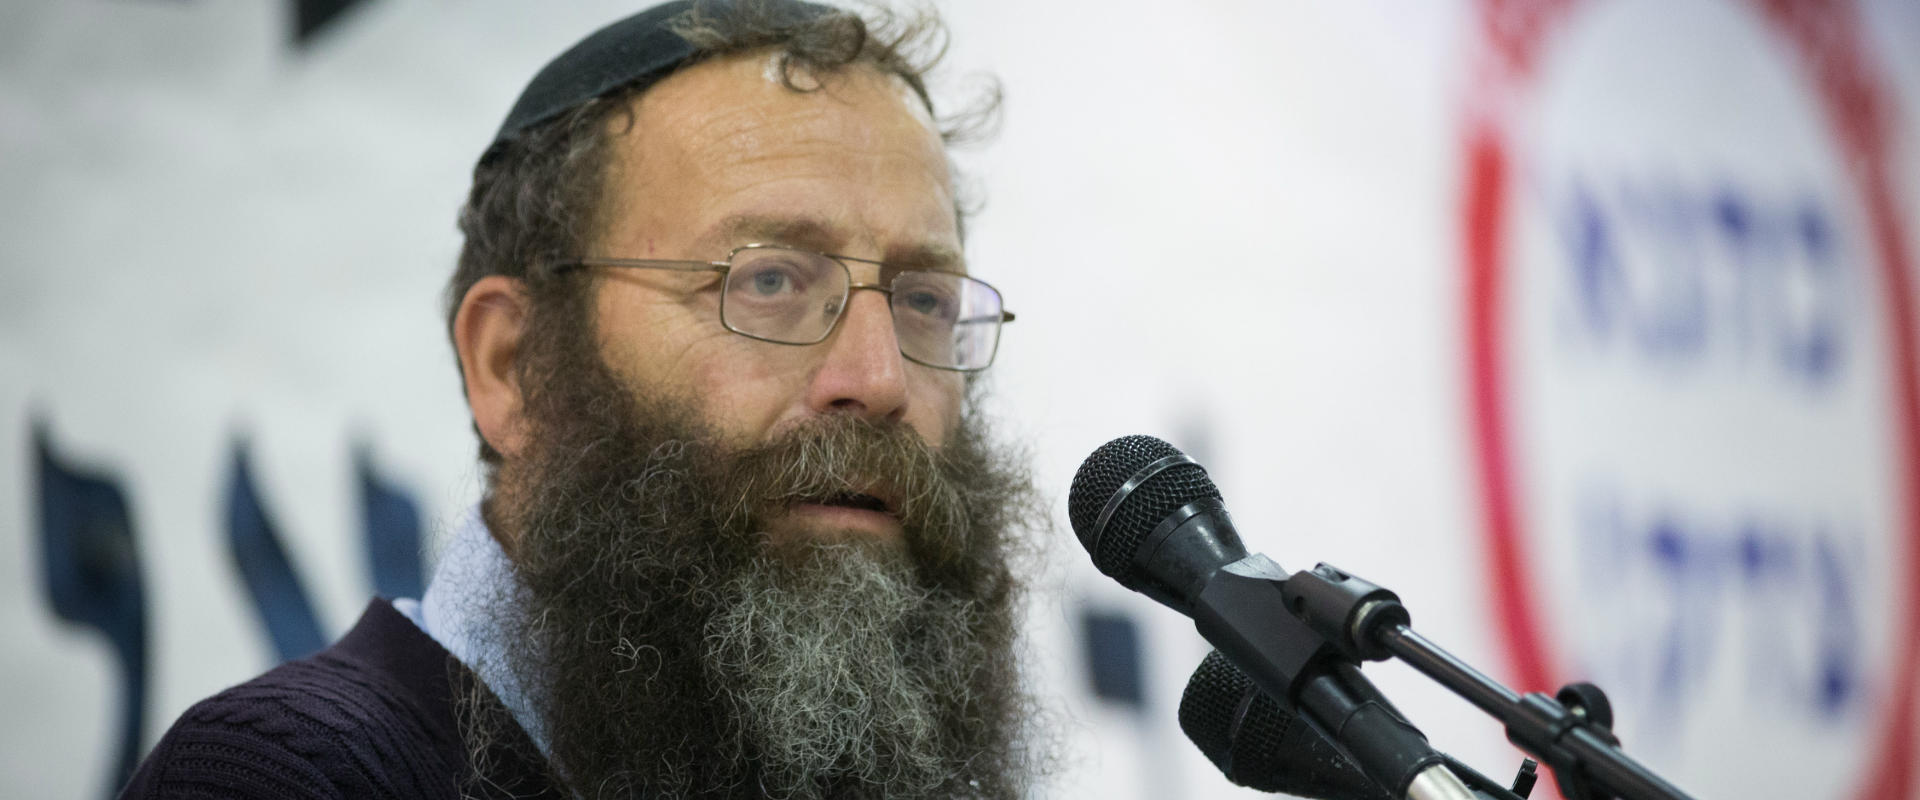 """ברוך מרזל בכנס לזכרו של ראש תנועת כ""""ך הרב מאיר כהנ"""